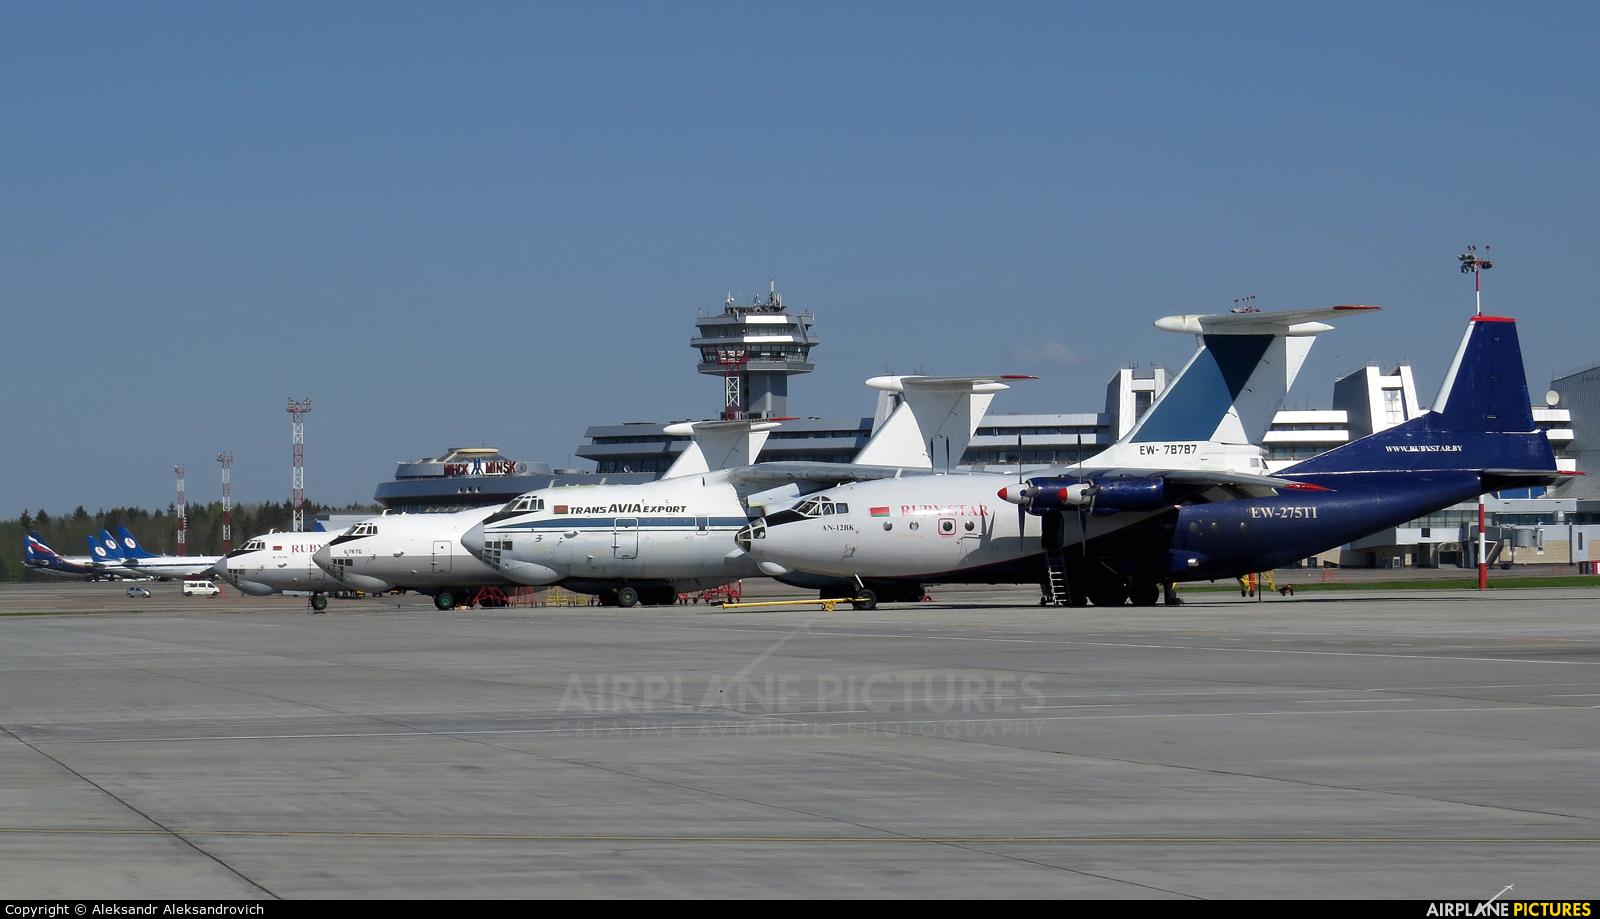 Ruby Star Air Enterprise EW-275TI aircraft at Minsk Intl